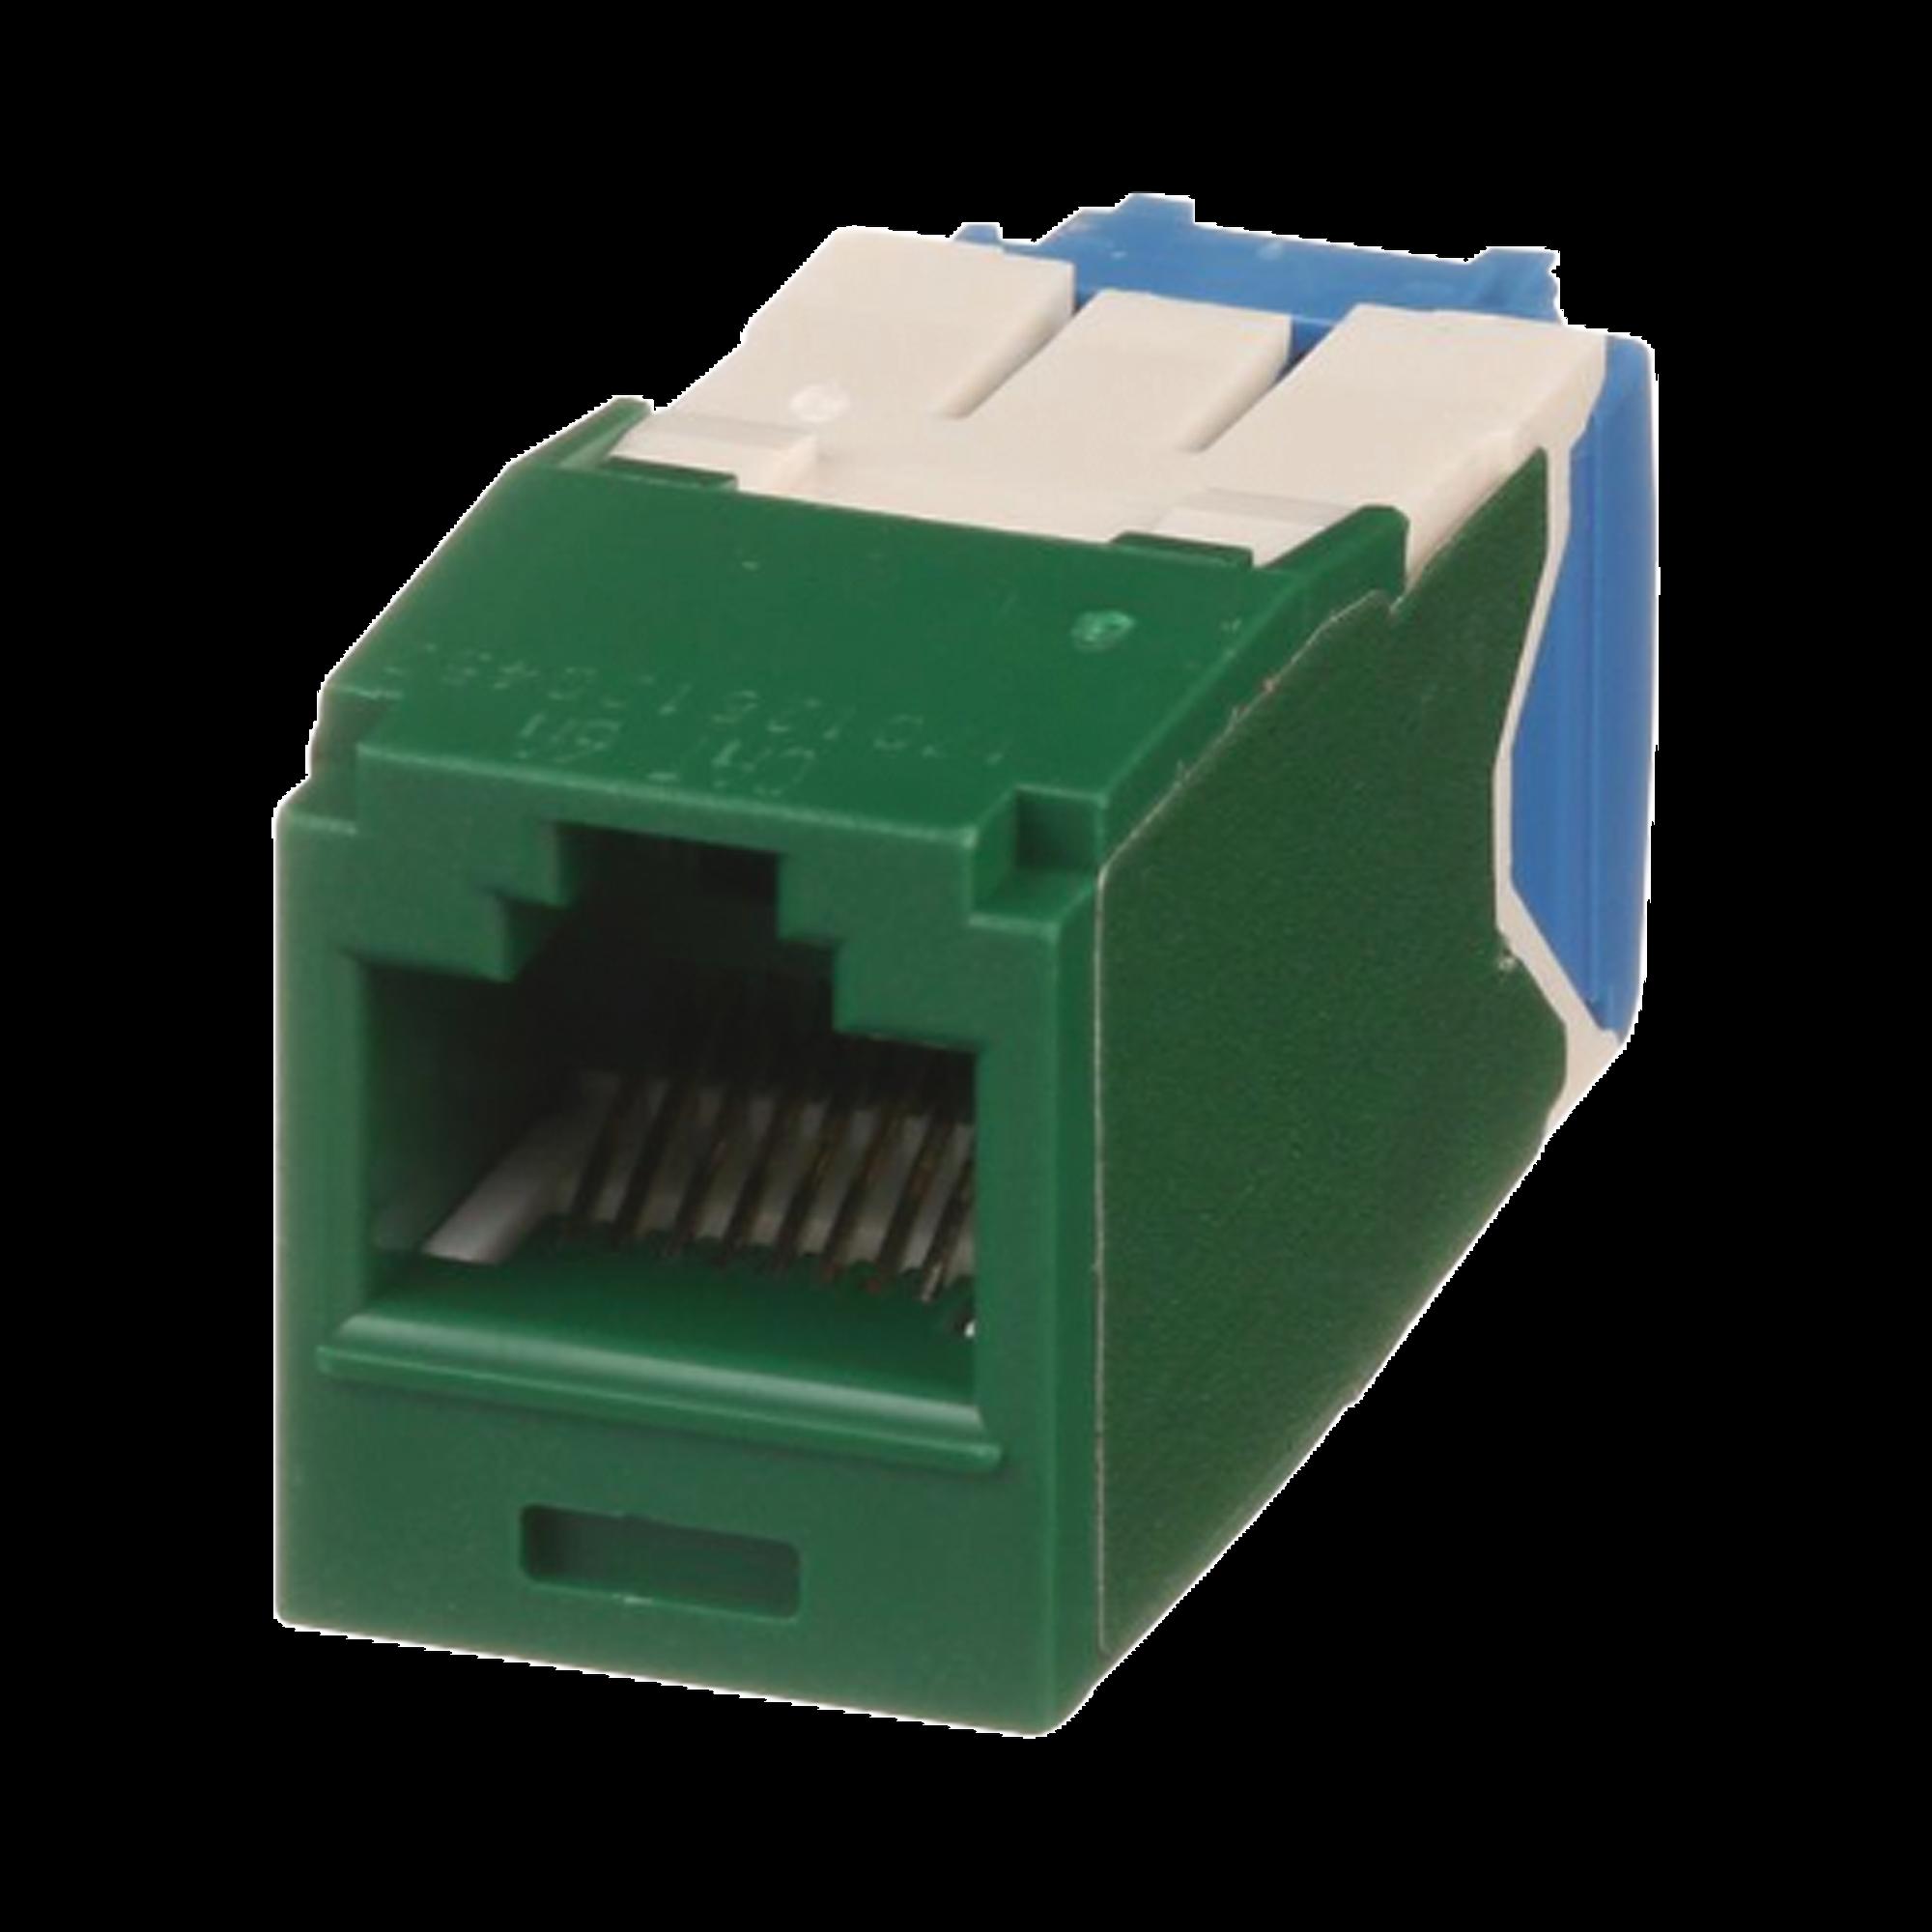 Conector Jack RJ45 Estilo TG, Mini-Com, Categoria 6A, de 8 posiciones y 8 cables, Color Verde